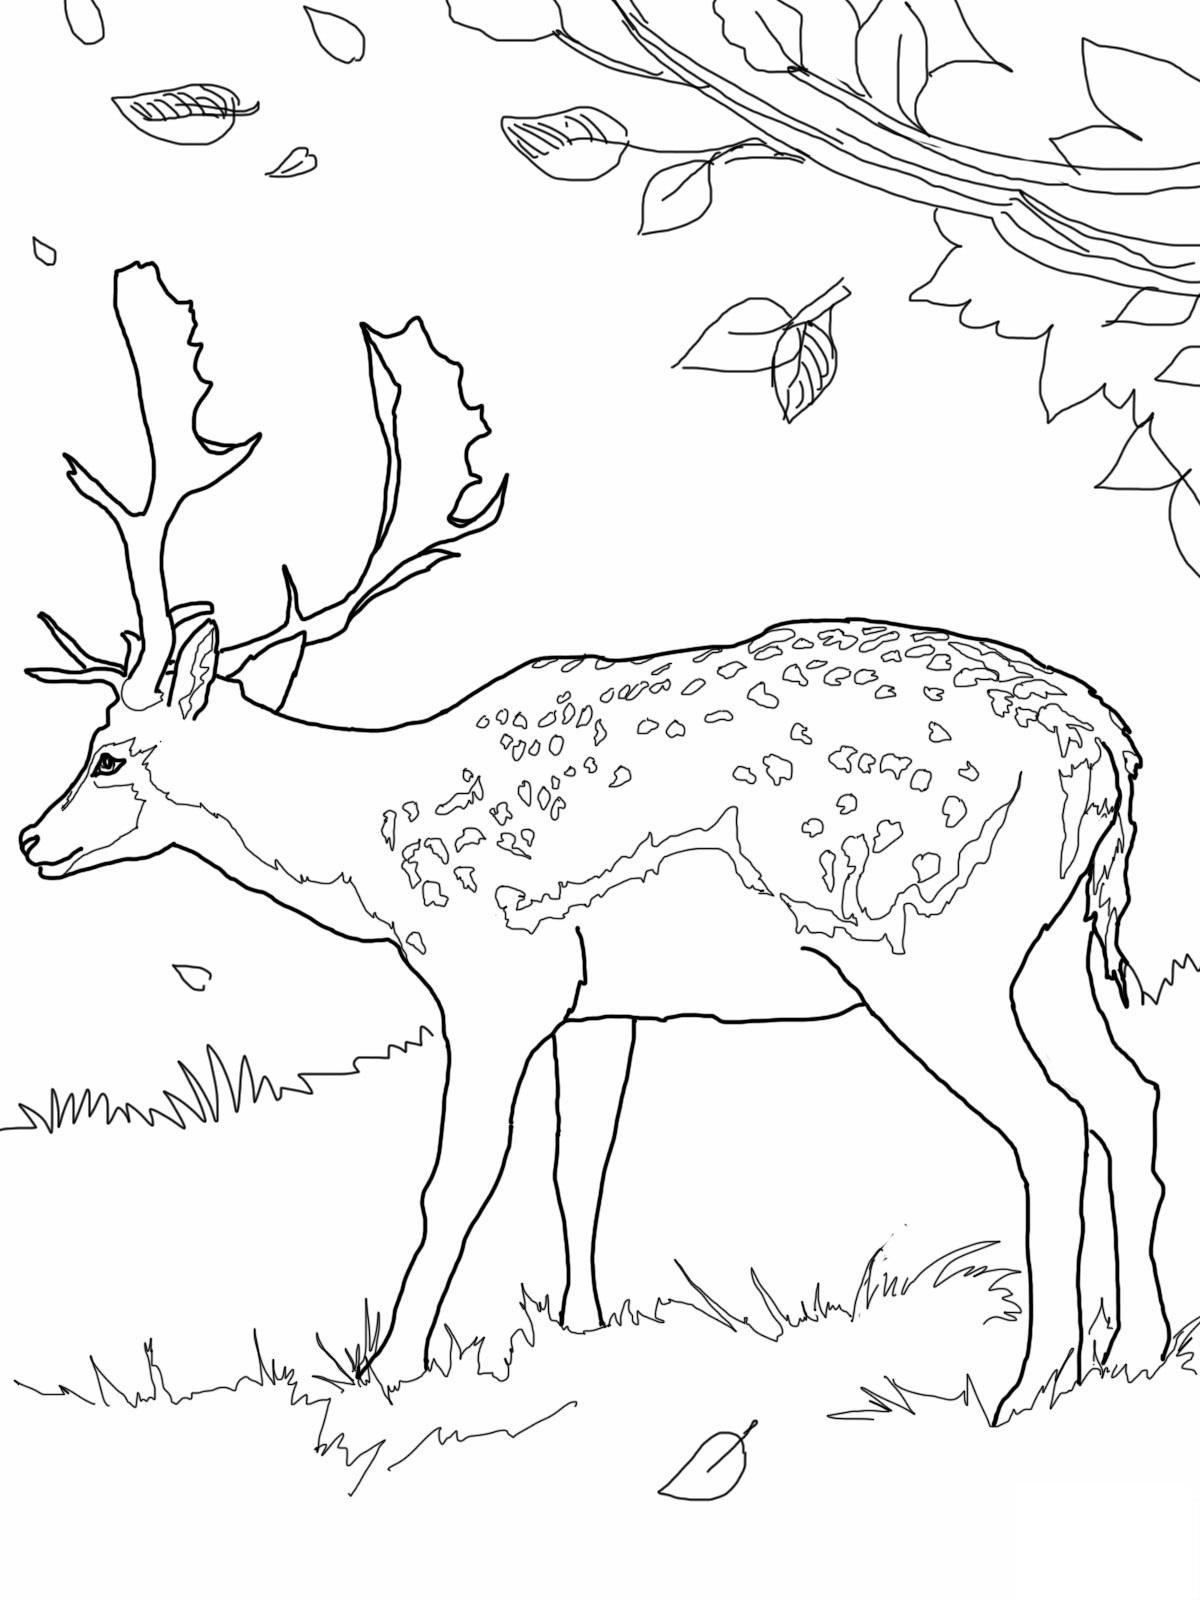 coloring pages of deer free printable deer coloring pages for kids deer of coloring pages